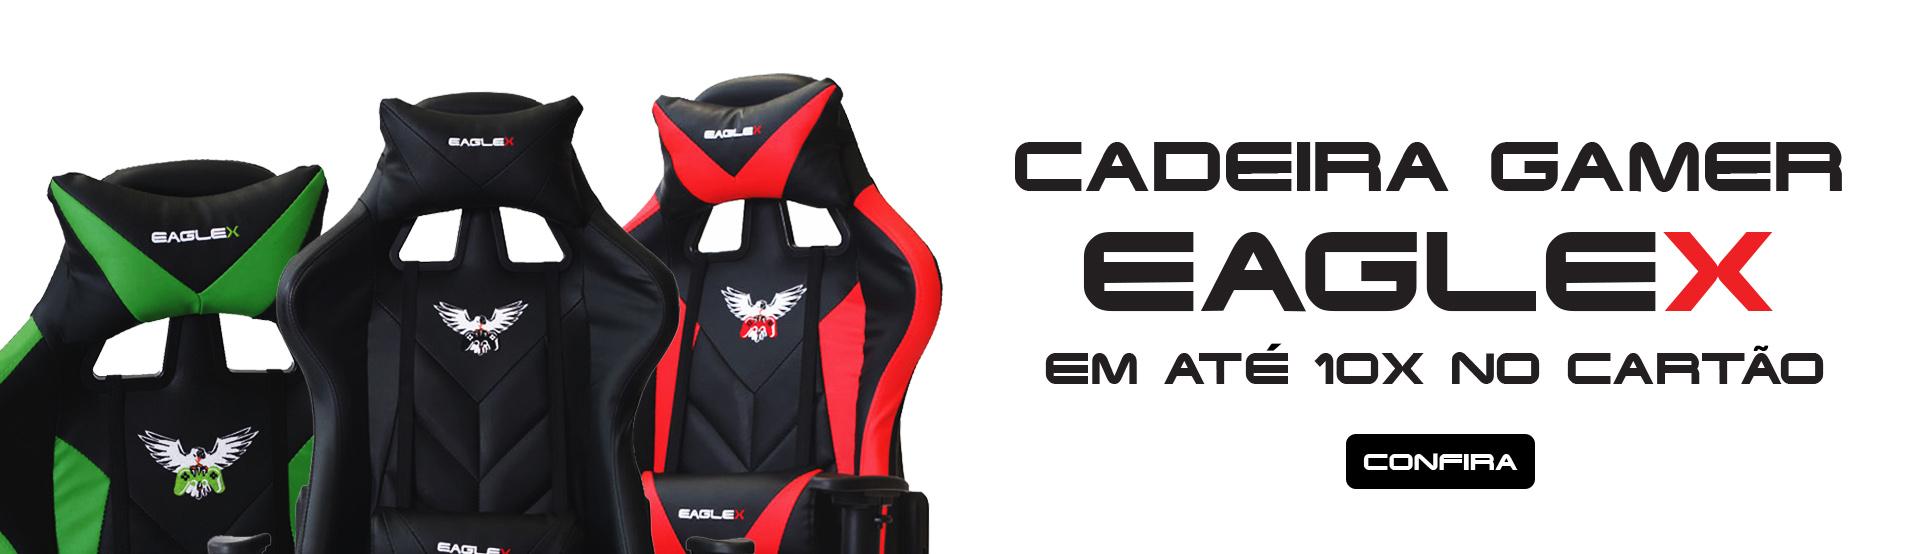 CADEIRA GAMER EAGLEX